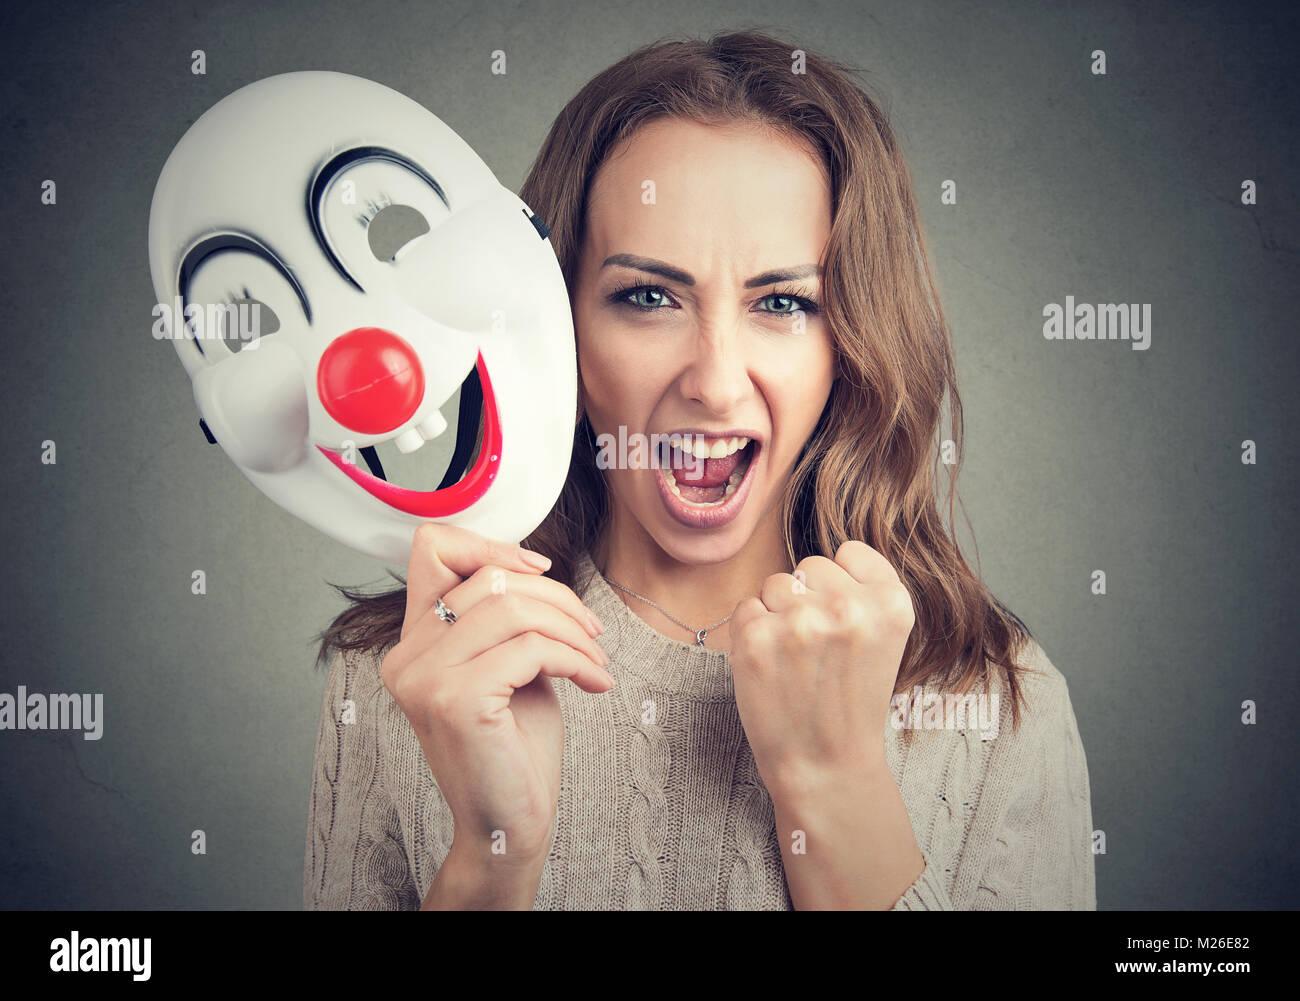 Giovane donna azienda clown maschera e urlando a fotocamera su grigio. Immagini Stock